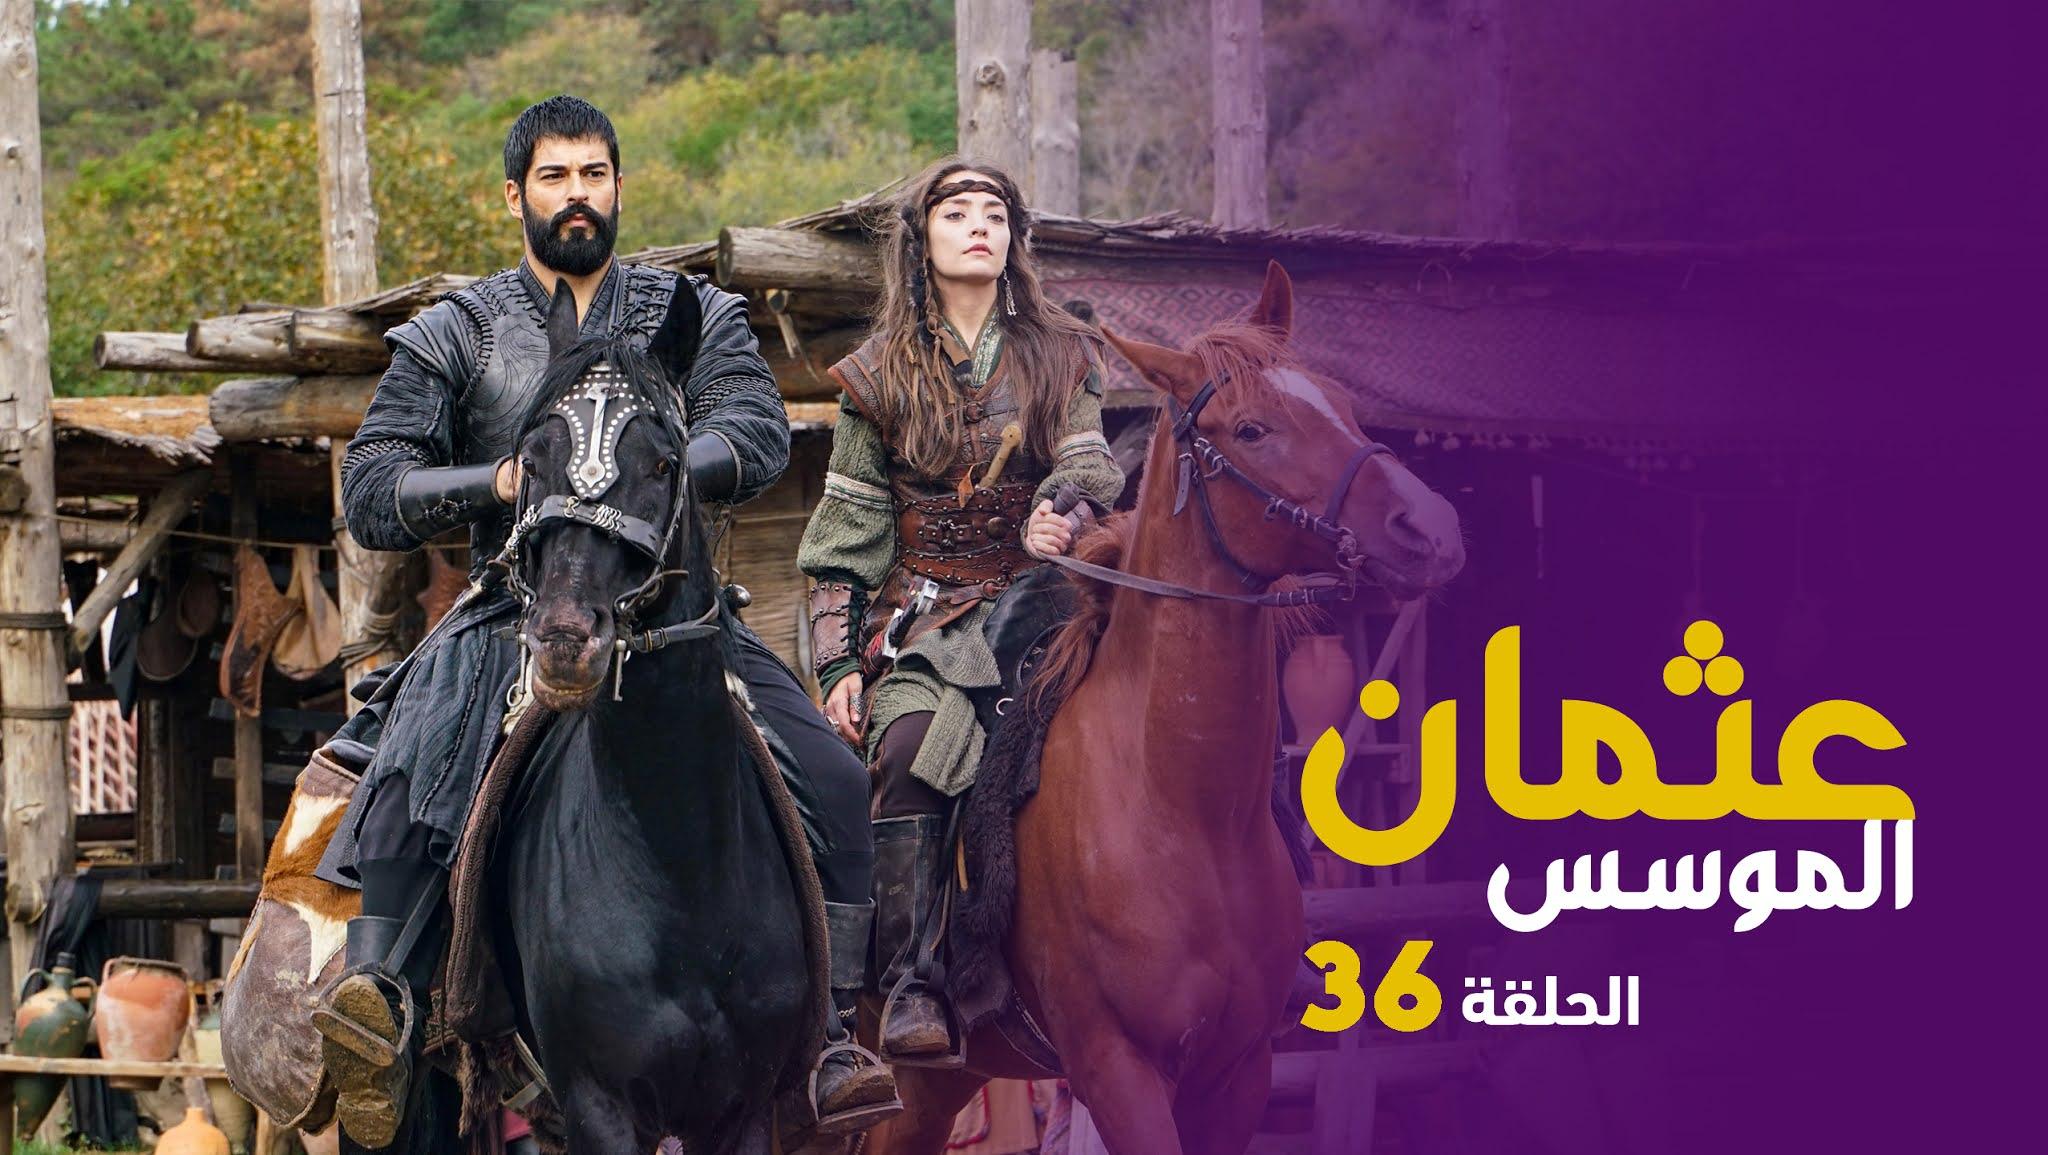 مسلسل المؤسس عثمان الحلقة 36 مترجمة حصرياً علي موقع دراما اونلاين